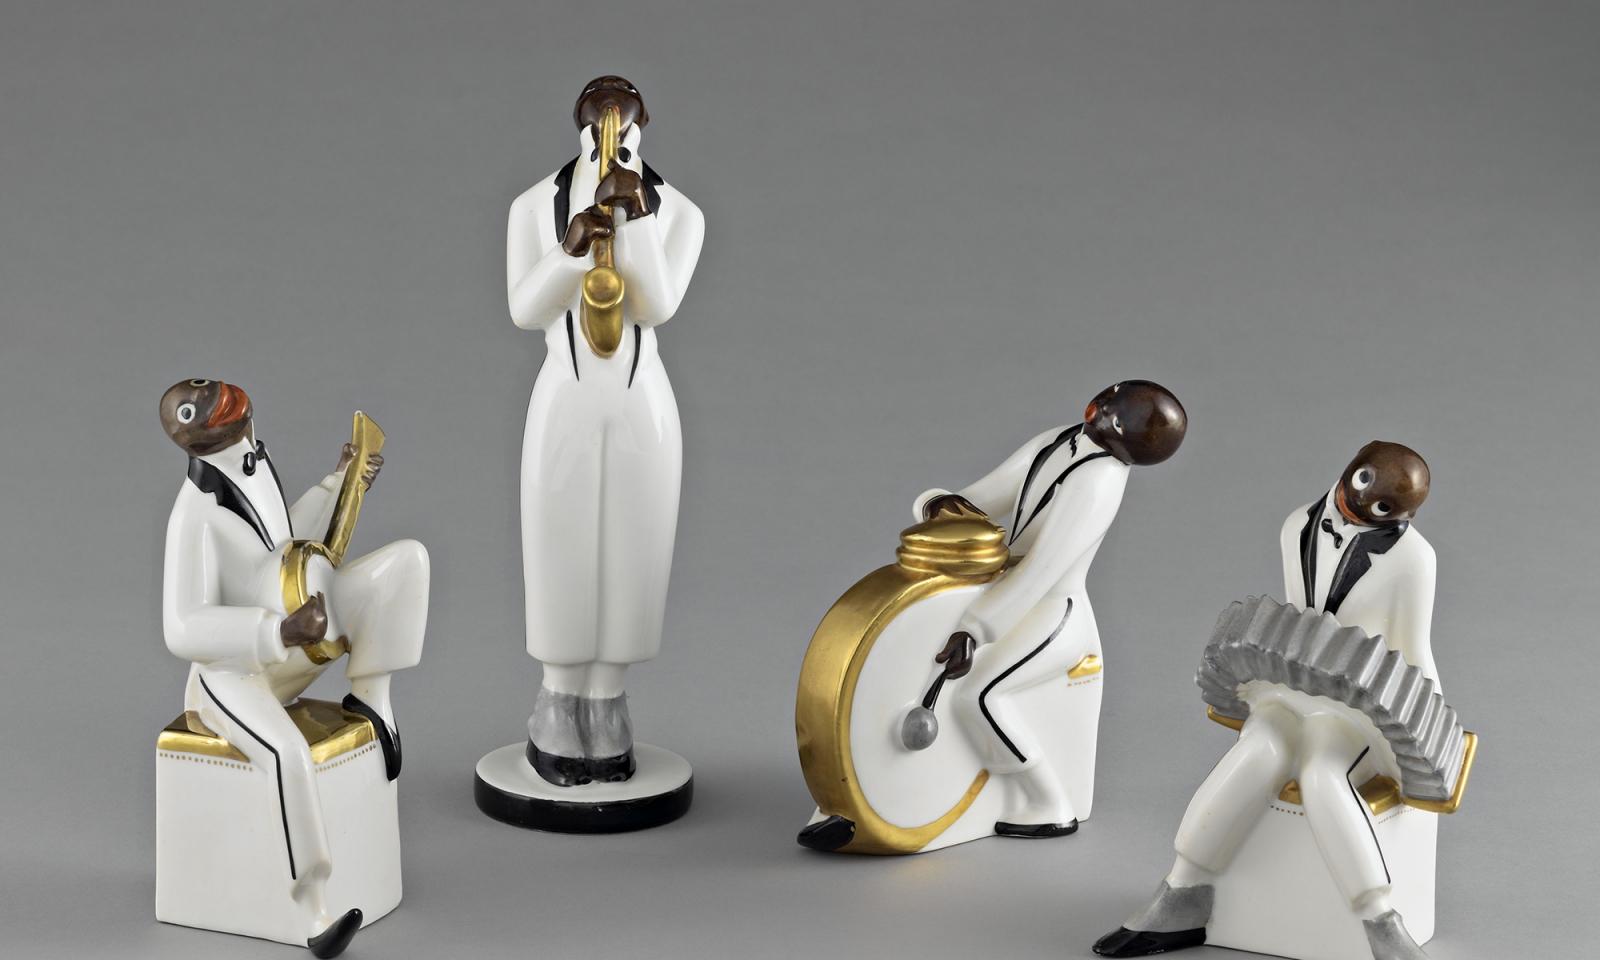 Le jazz, Porcelaine dure, Manufacture Michelaud, Édité pour Robj, édite